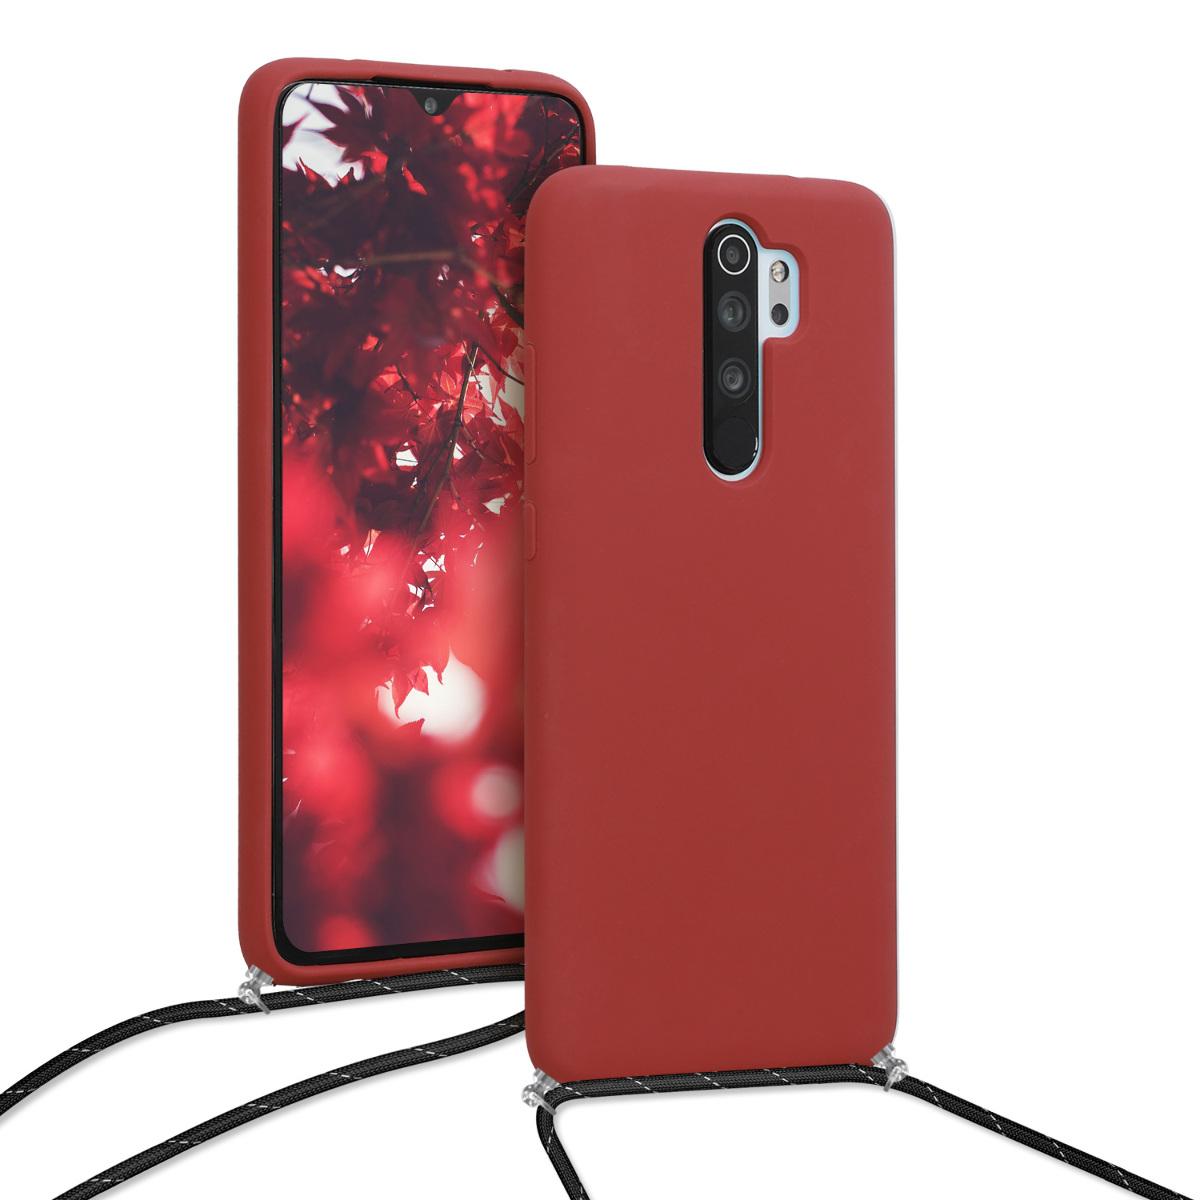 KW Θήκη Σιλικόνης με Λουράκι Λαιμού Xiaomi Redmi Note 8 Pro - Dark Red / Black (50613.20)